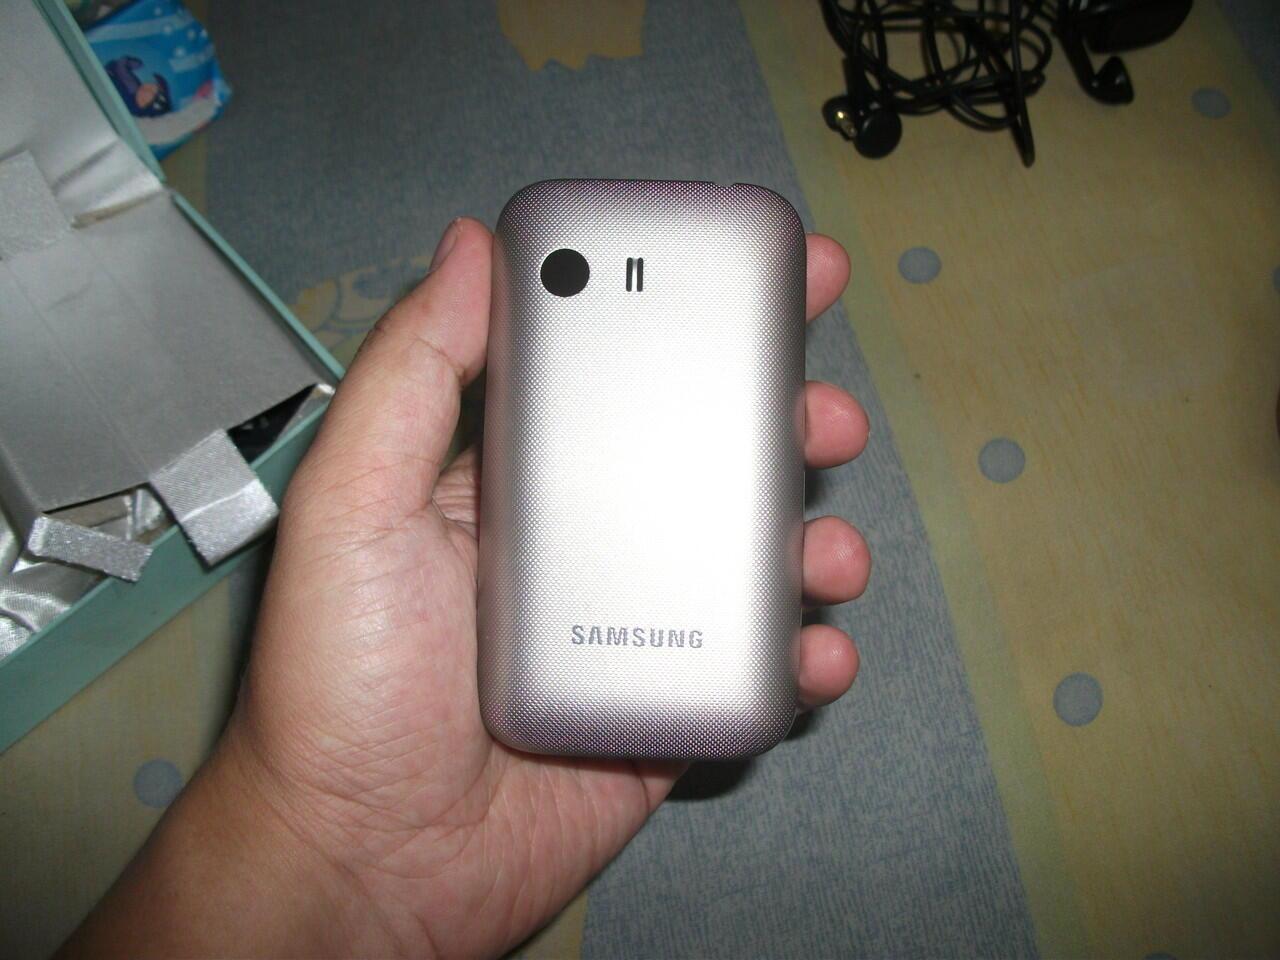 Casing belakang Samsung Galaxy (Young, Ace, W, S Advance dll...)